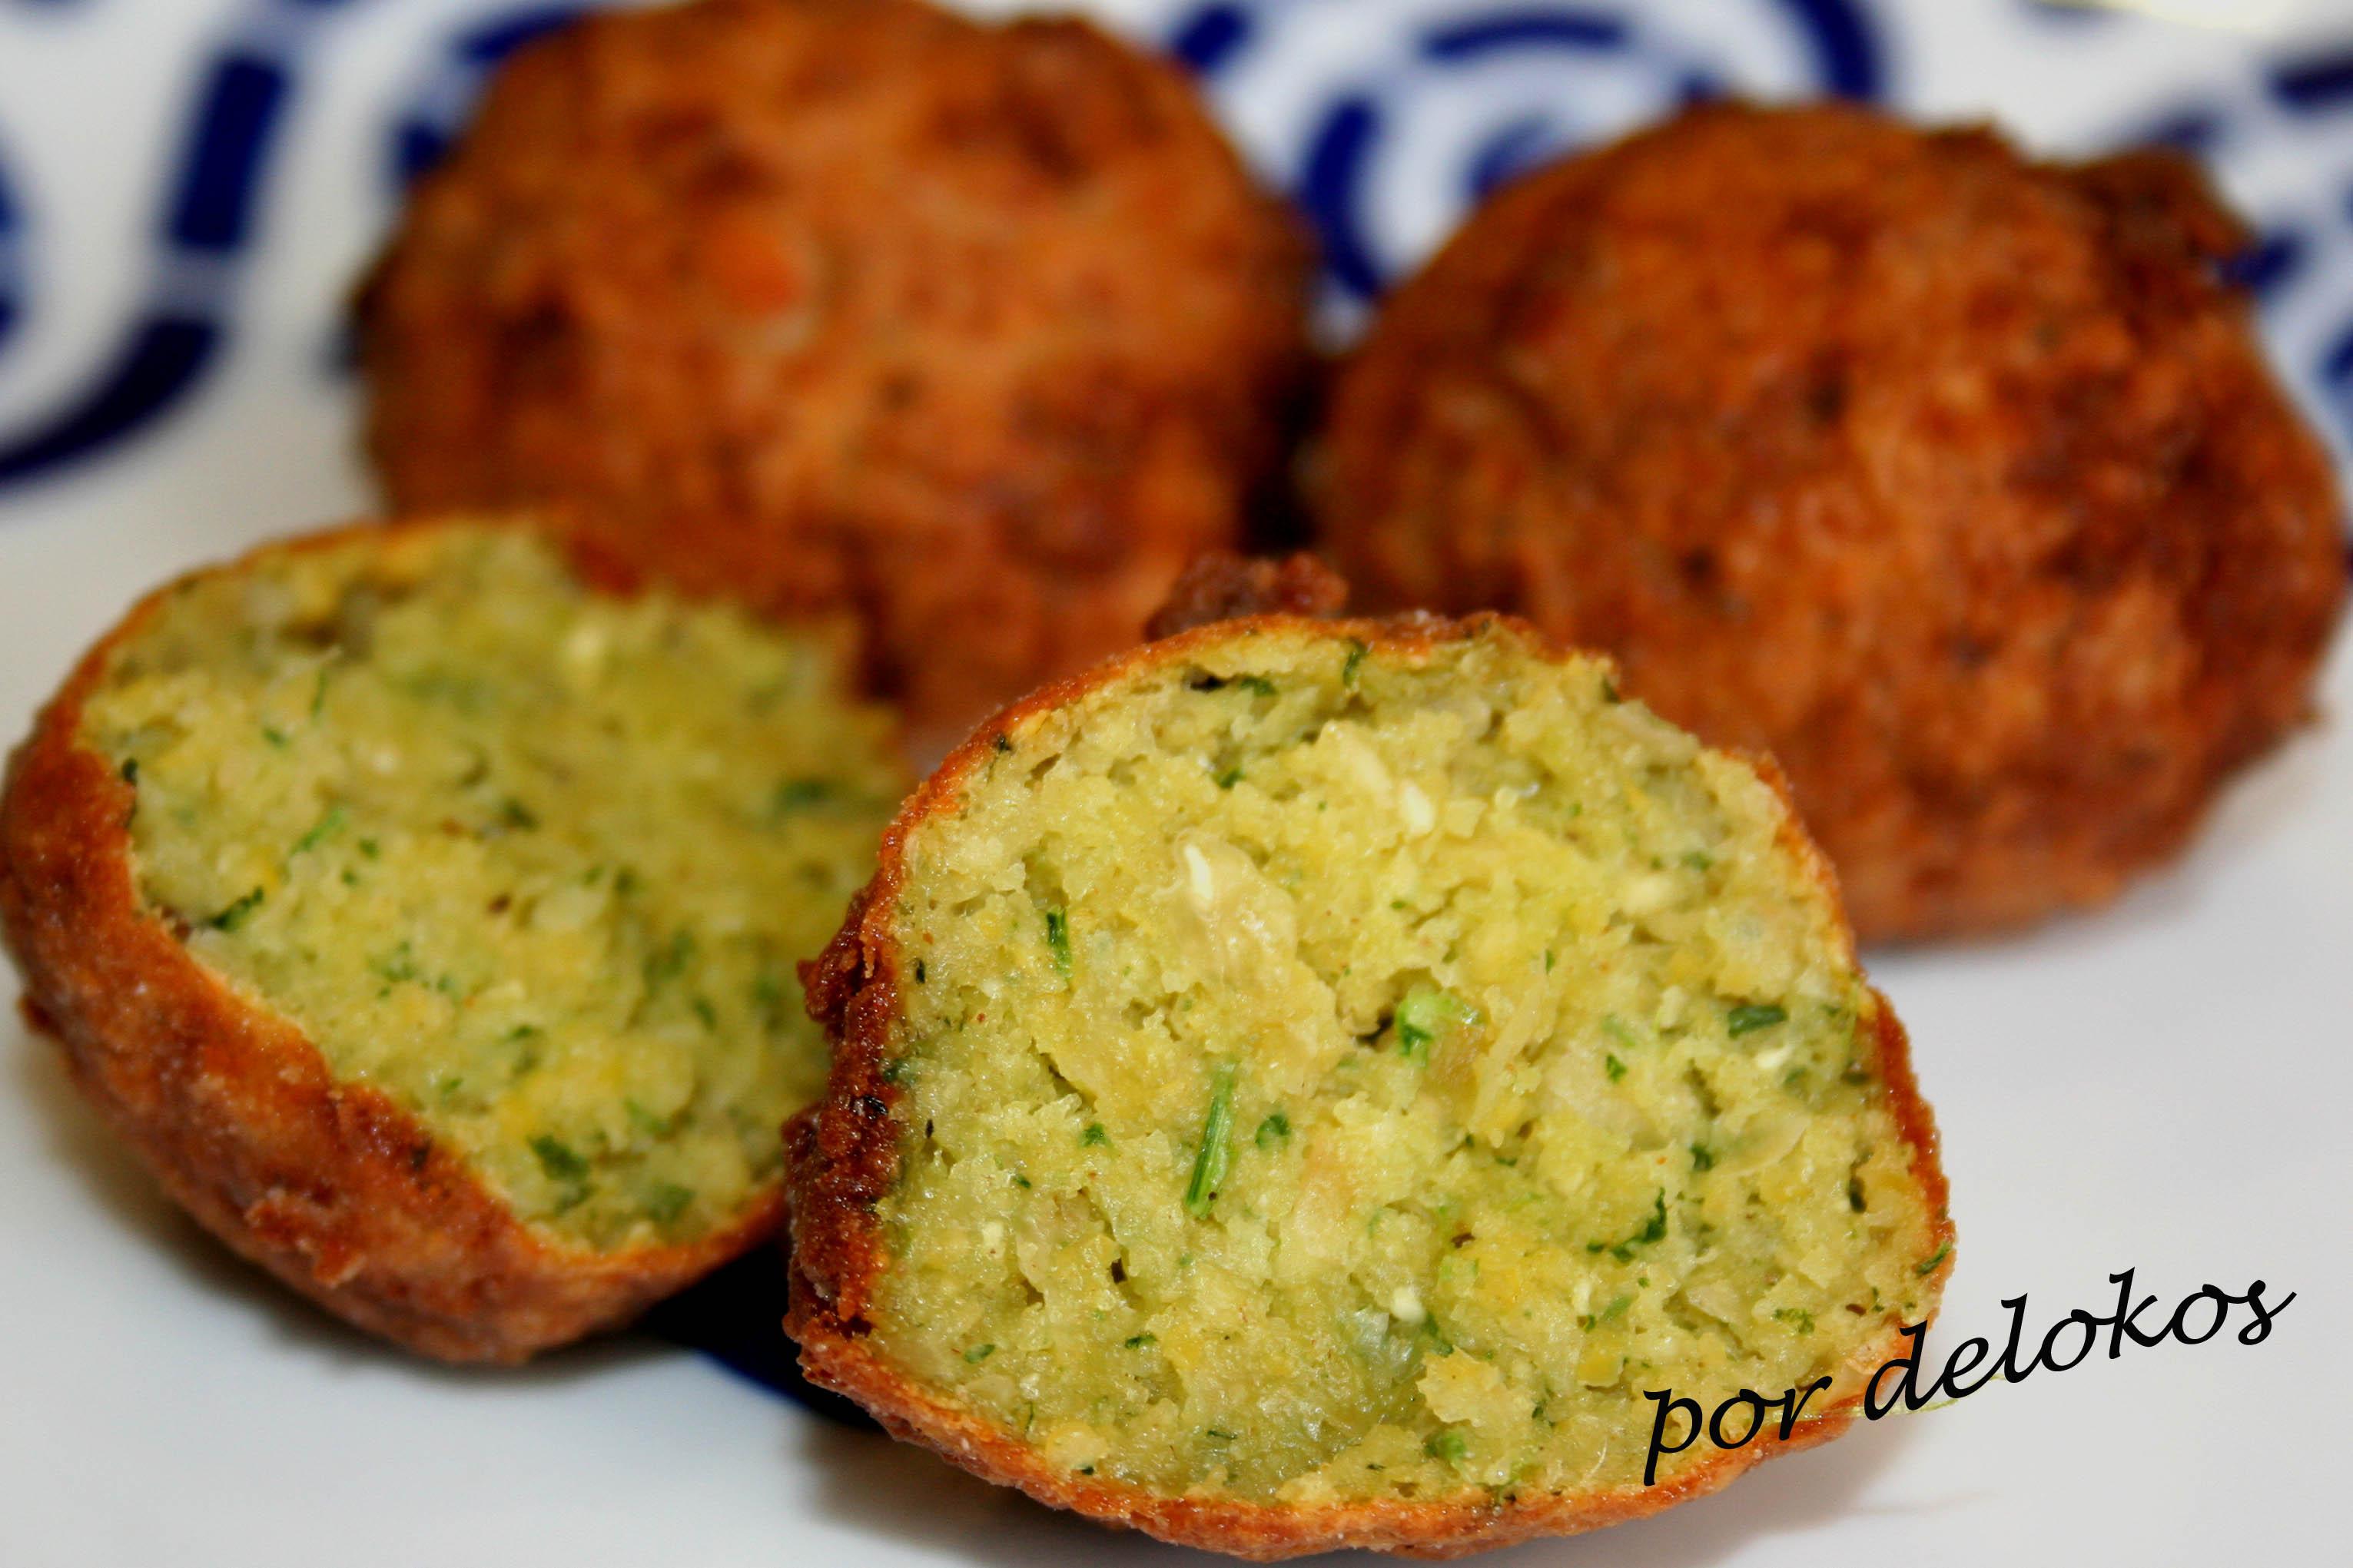 Recetas Vegetarianas Facil Y Muy Sano Recetas Y Cocina En Taringa - Recetas-vegetarianas-faciles